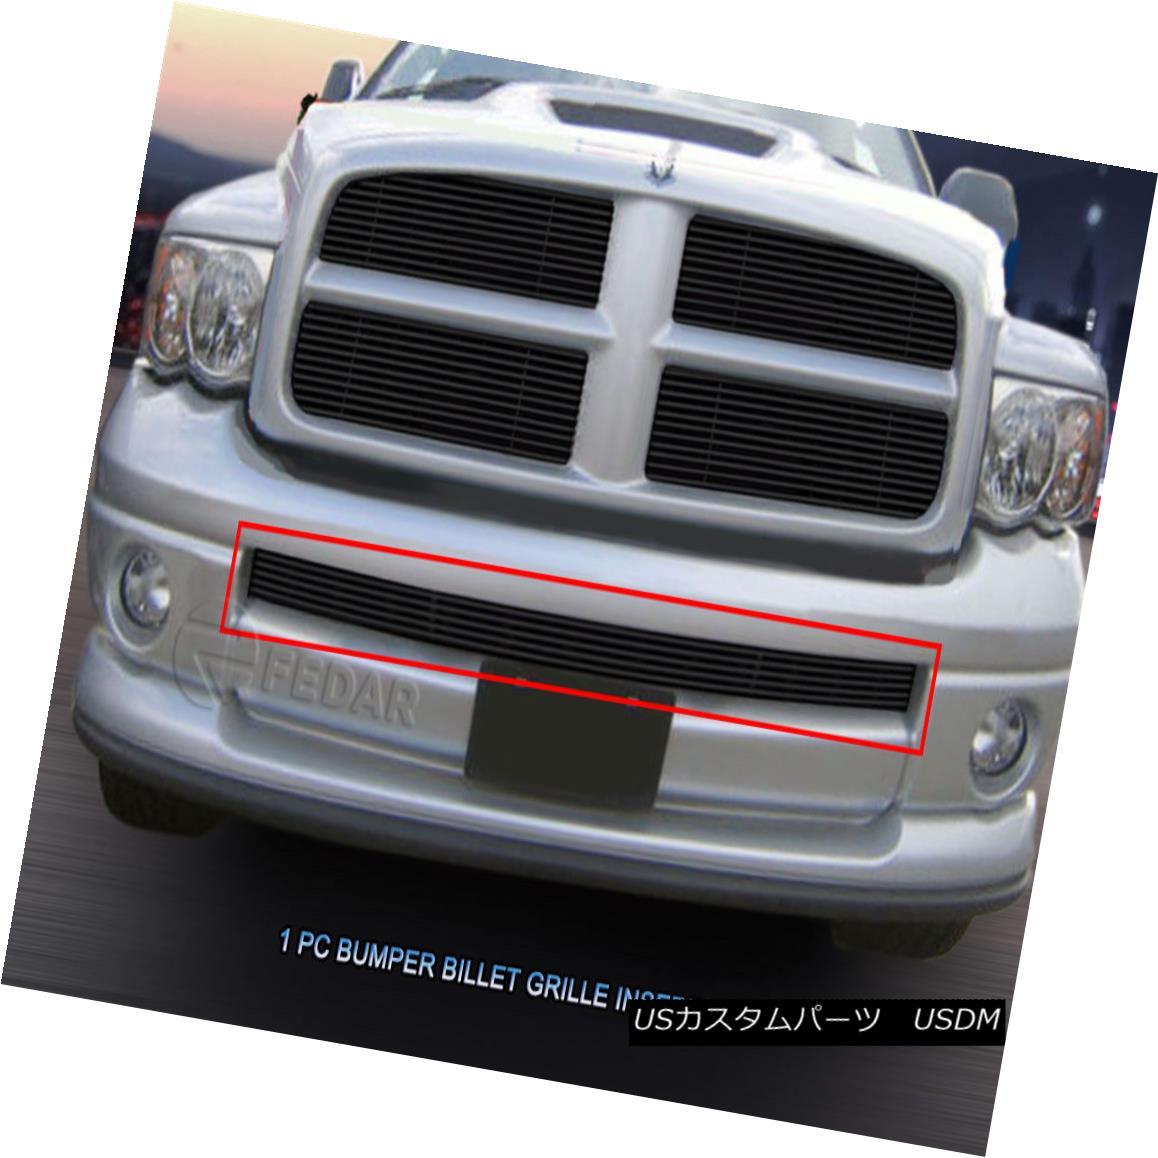 グリル 2002 - 2005 Dodge Ram Sport Black Billet Grille Lower Bumper Inserts Fedar 2002 - 2005ダッジラムスポーツブラックビレットグリルロワーバンパーインサートFedar